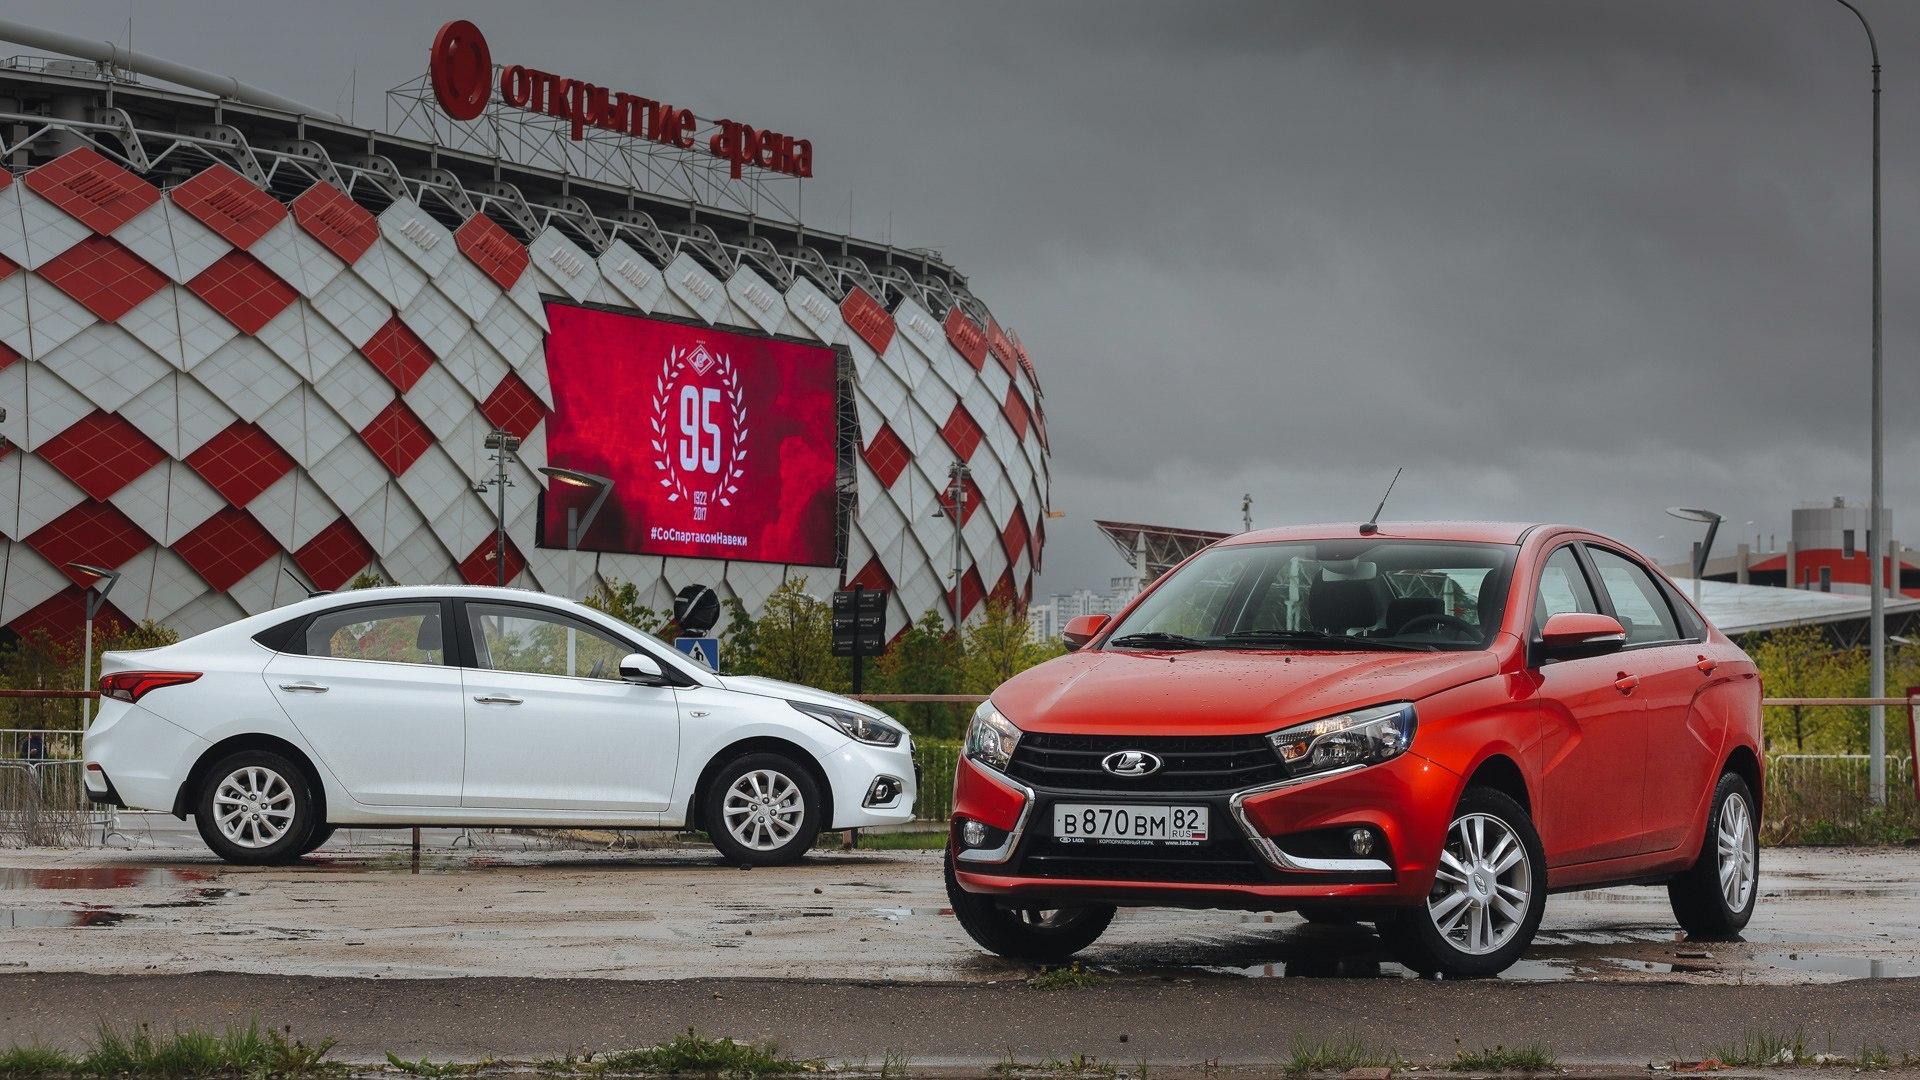 Lada Vesta, Hyundai или Kia – выбираем наиболее дешевый в обслуживании автомобиль